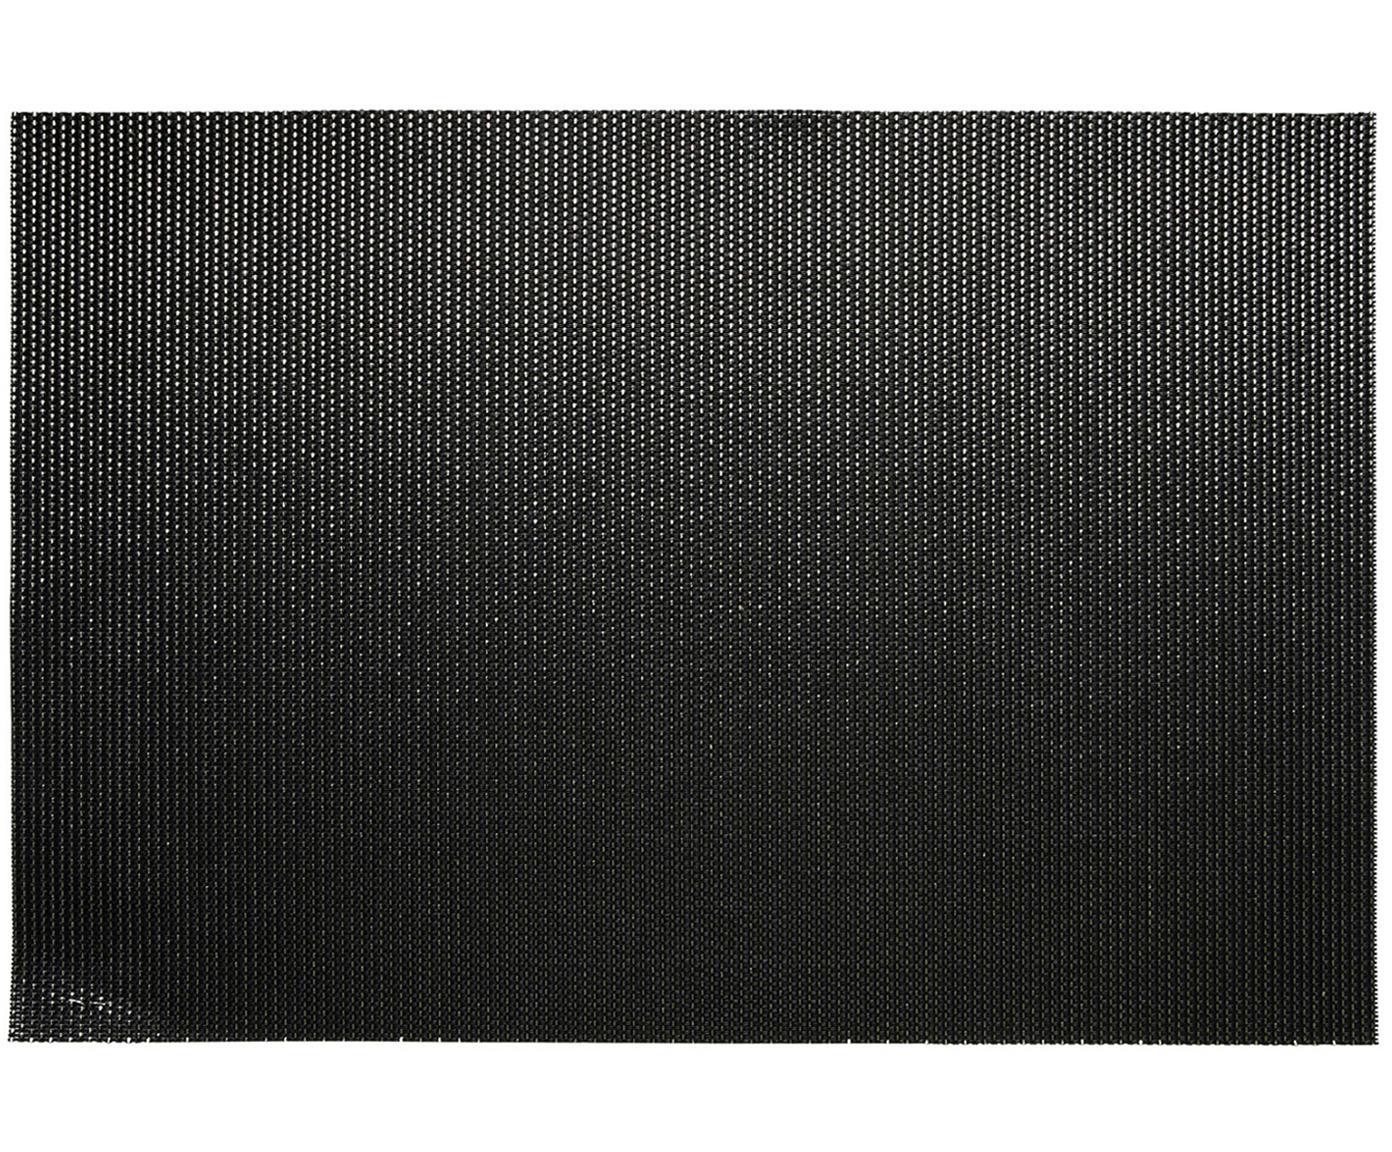 Tovaglietta americana in plastica Brillant 2 pz, Materiale sintetico, Nero dorato, Larg. 30 x Lung. 45 cm